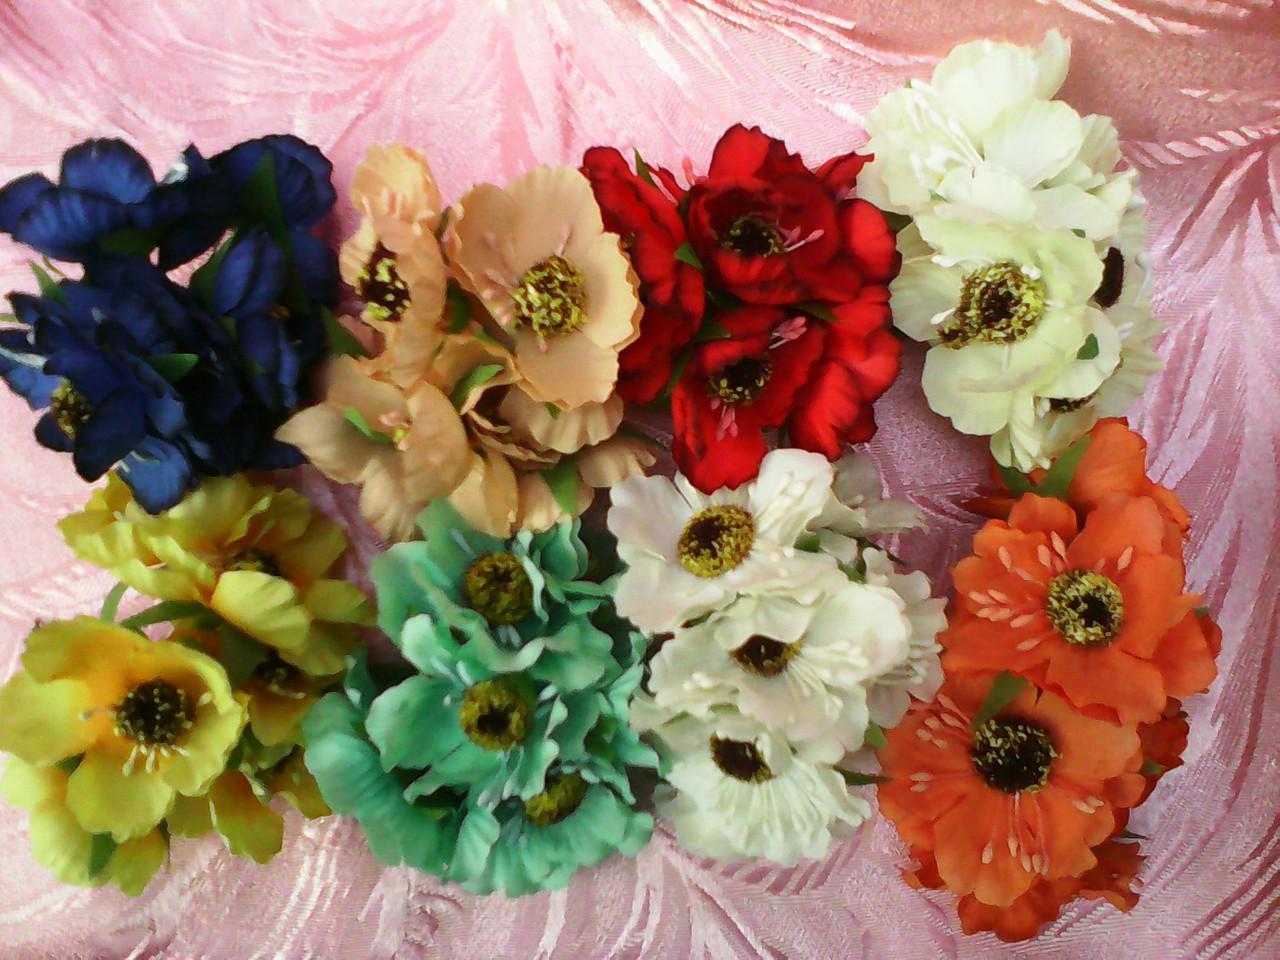 Купить дикоративные бумажные цветы подарок на 8 марта женщине 40 лет